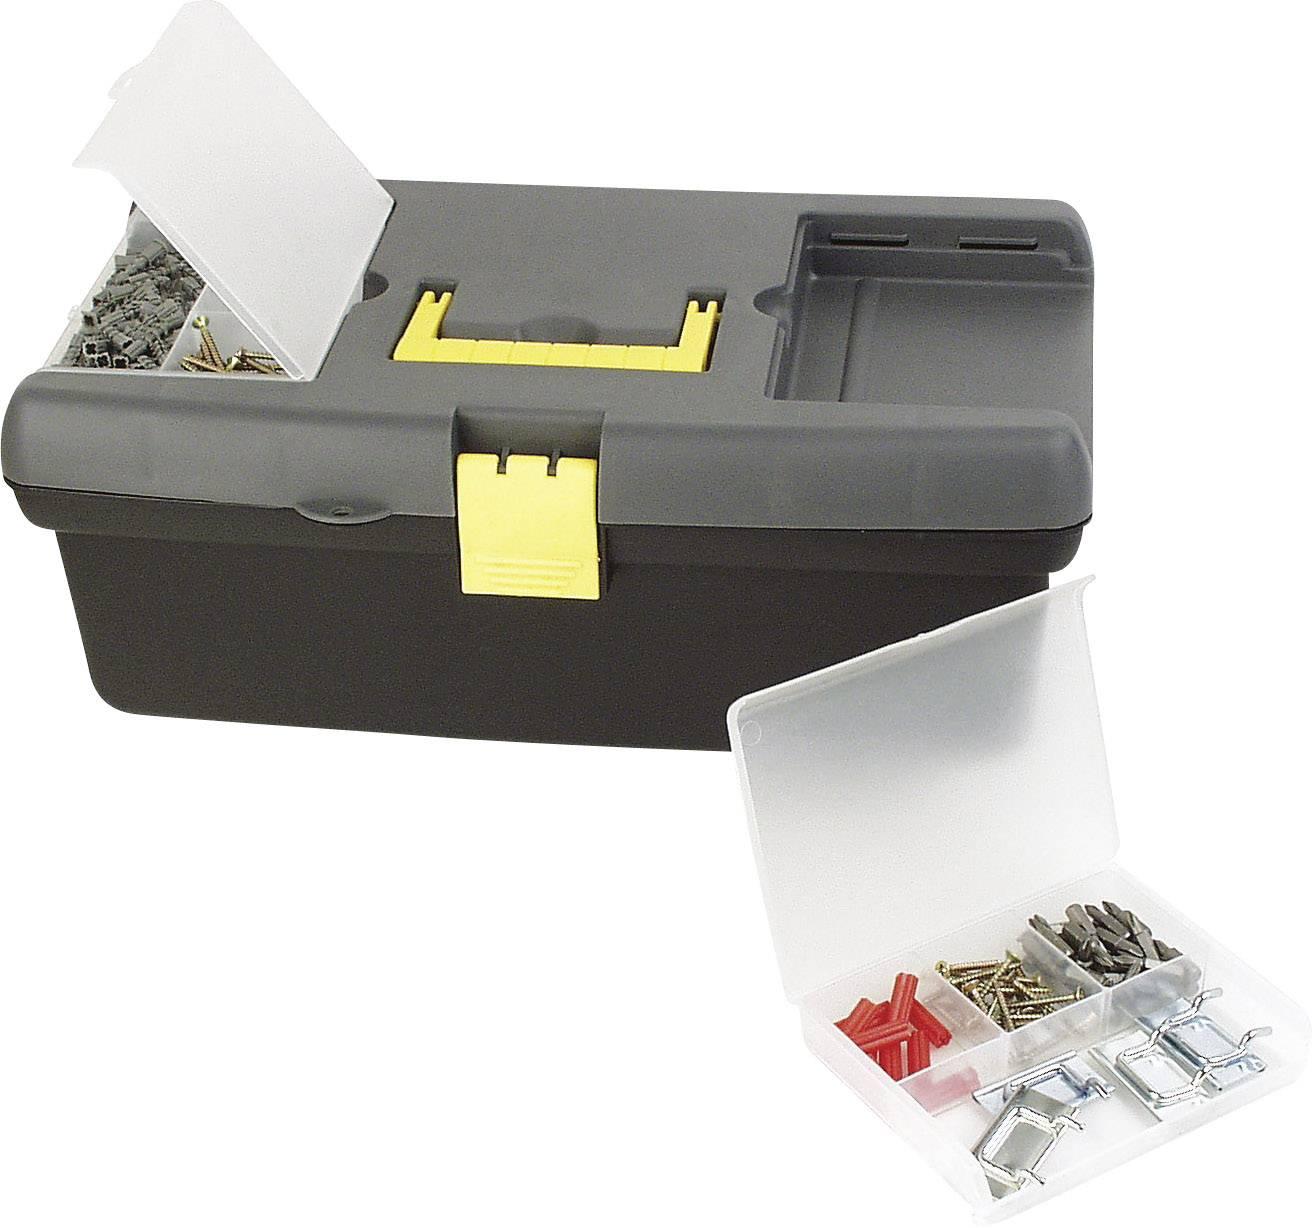 Box na nářadí s vyjímatelnými zásobníky Brüder Mannesmann 41510, (d x š x v) 405 x 241 x 152 mm, plast